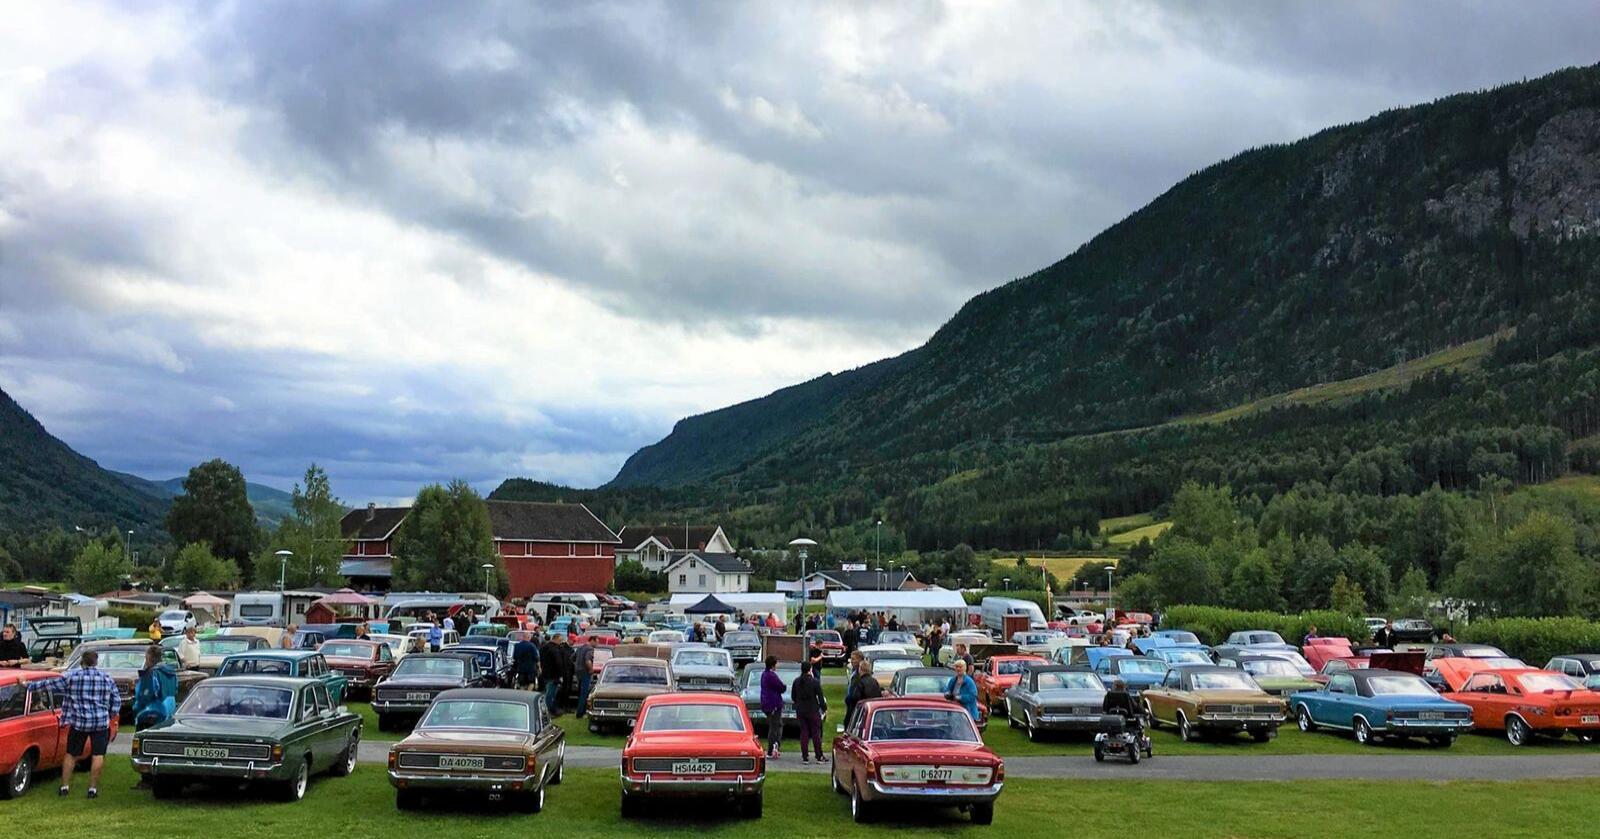 Interessen for historiske kjøretøy er voksende over hele landet. Her masse gamle biler og Ford-entusiaster samlet på landstreff på Gol for noen år siden. Foto: Ford M Klubb